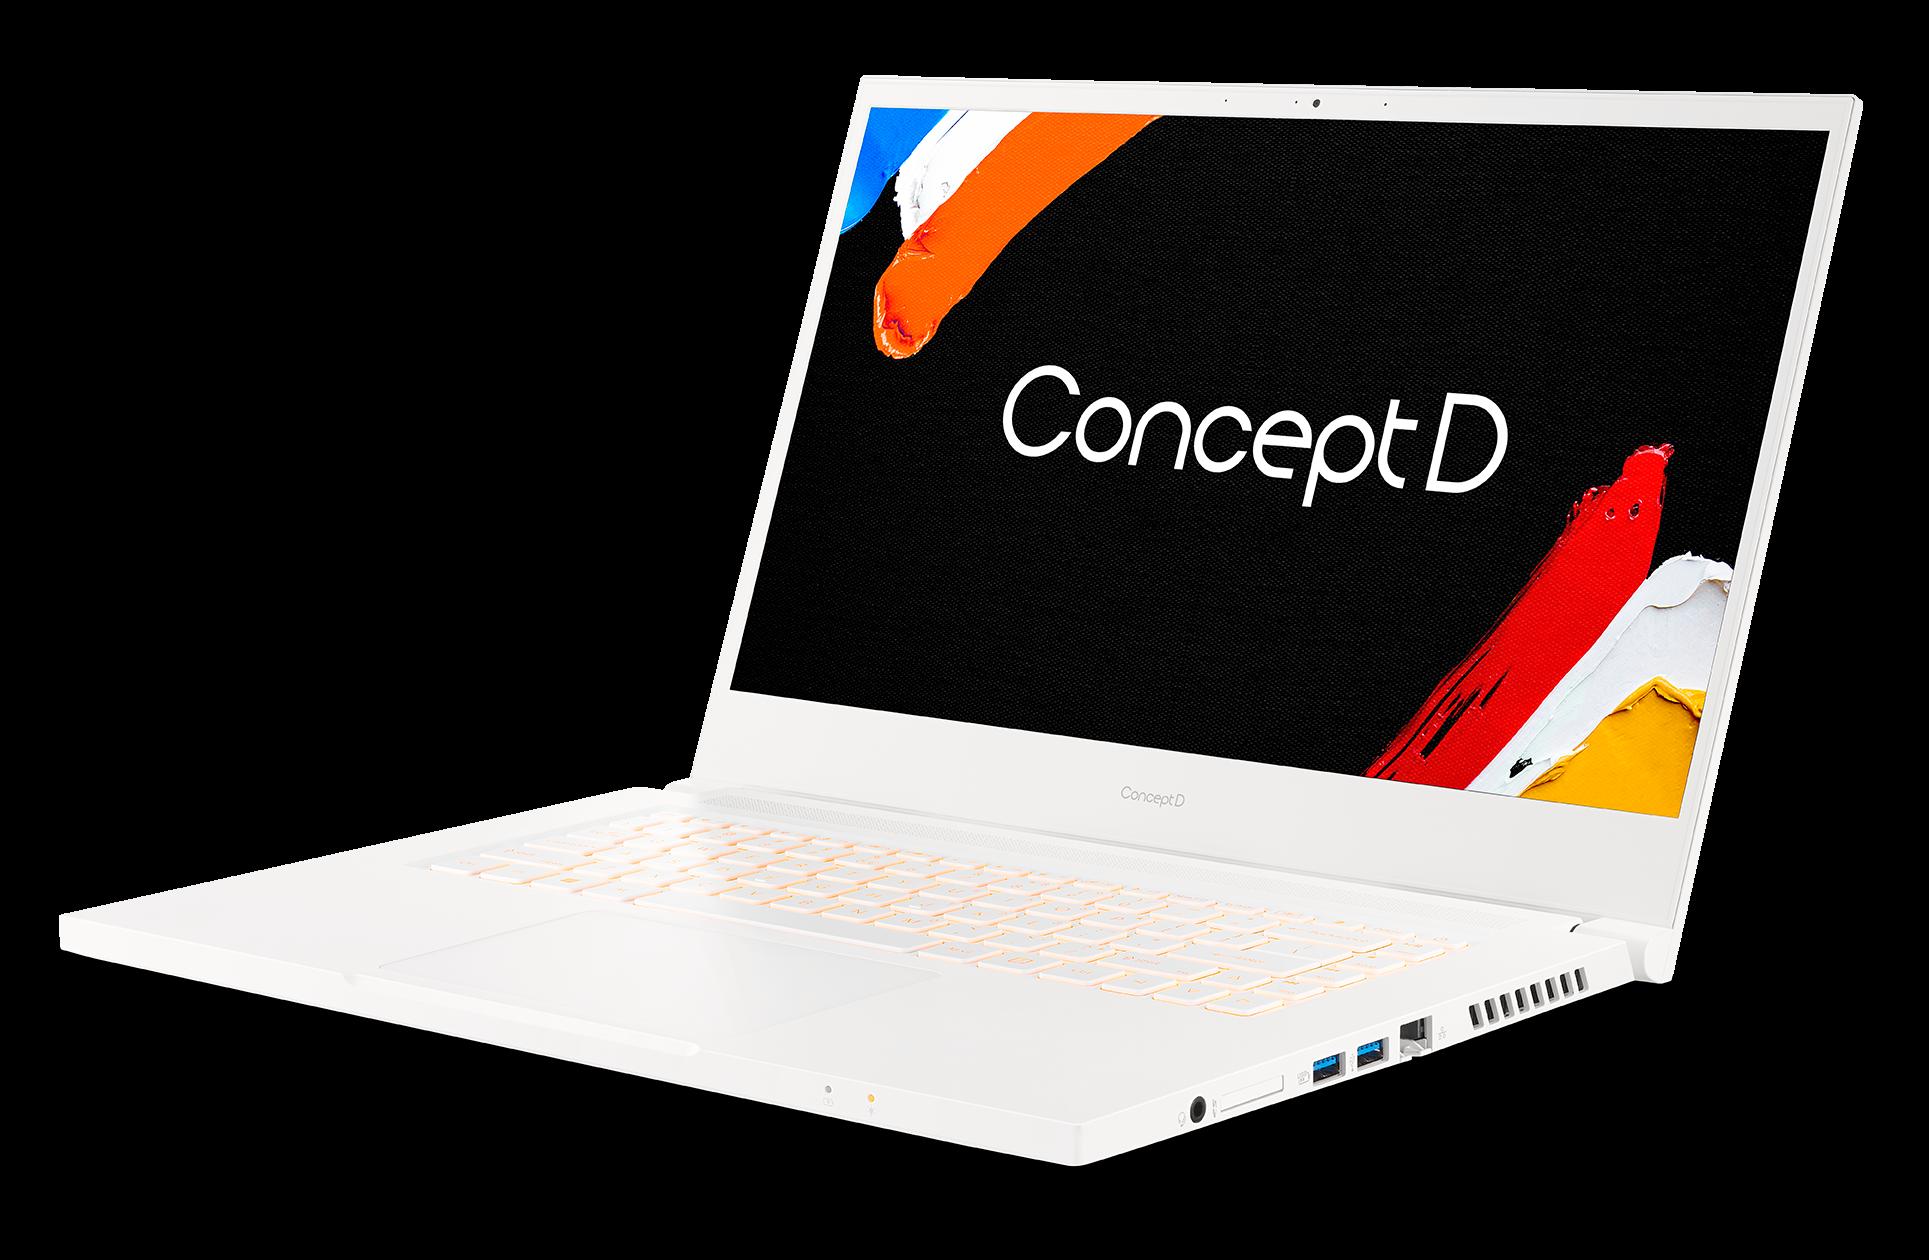 Acer представила новые модели ноутбуков ConceptD 3